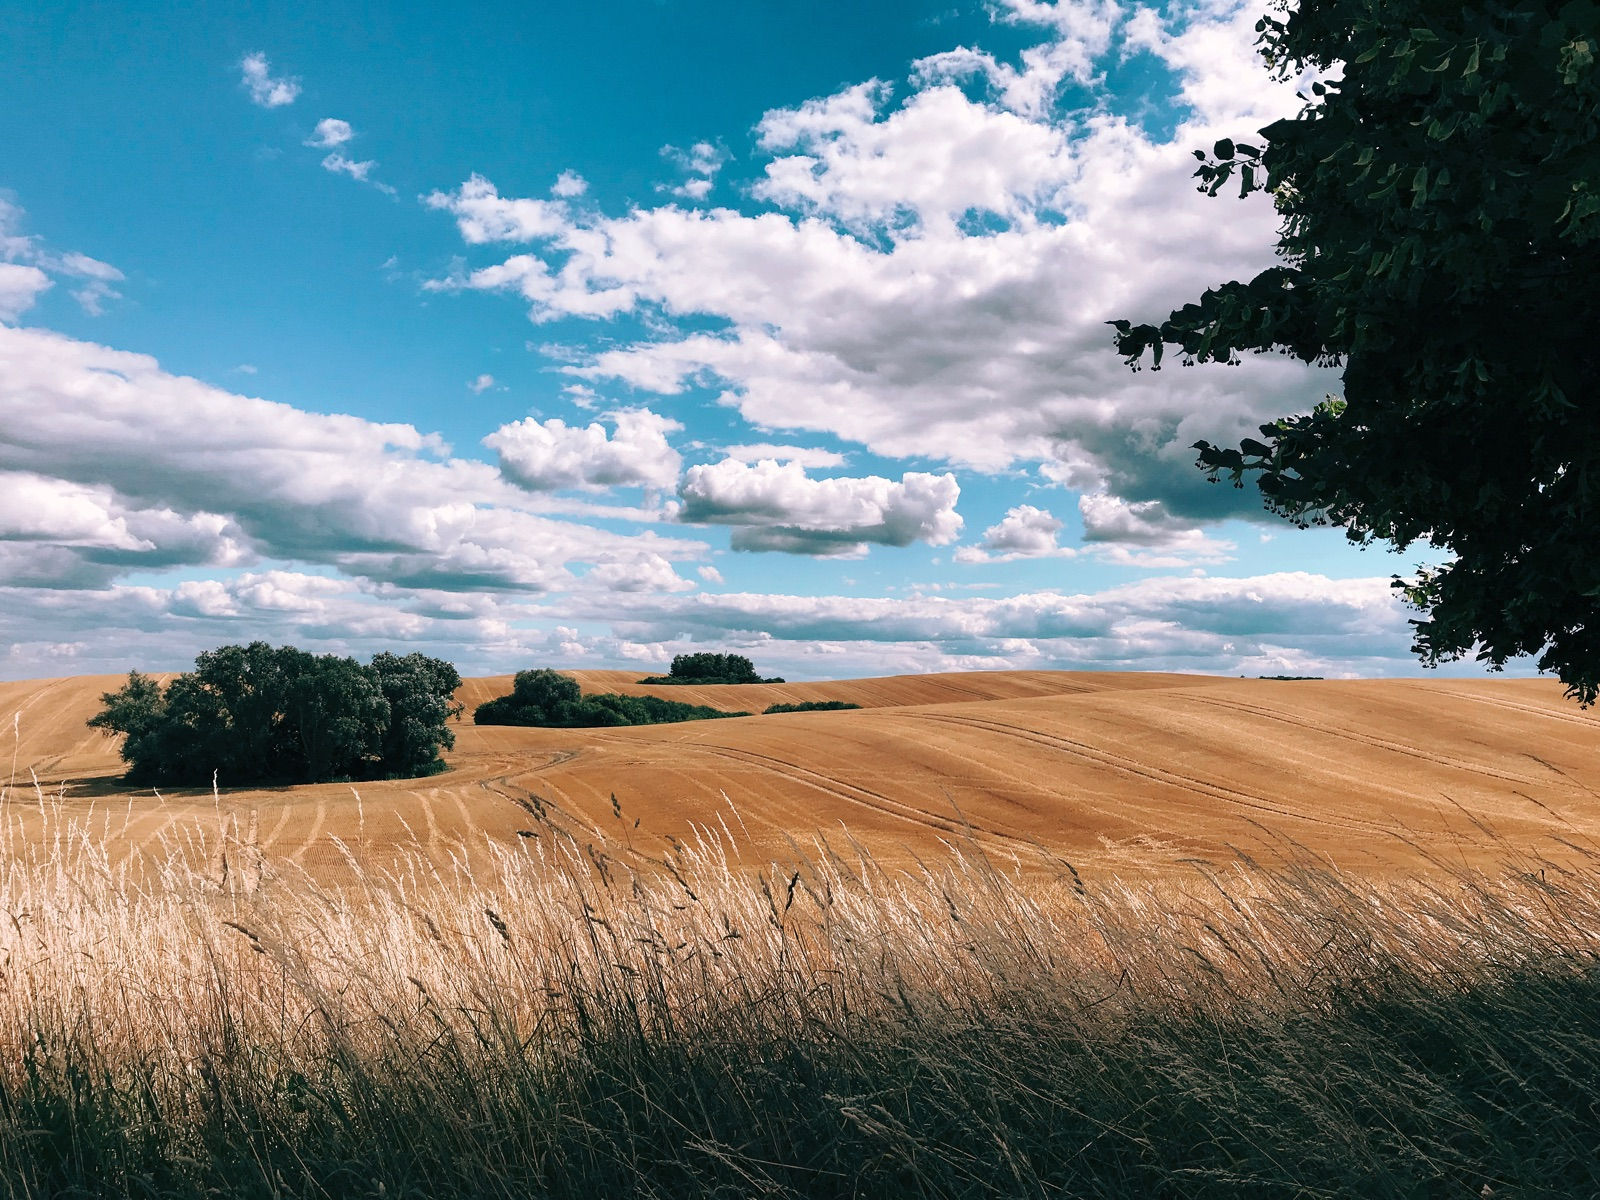 foto van een weide met struikjes en bomen en wolkjes in blauwe lucht